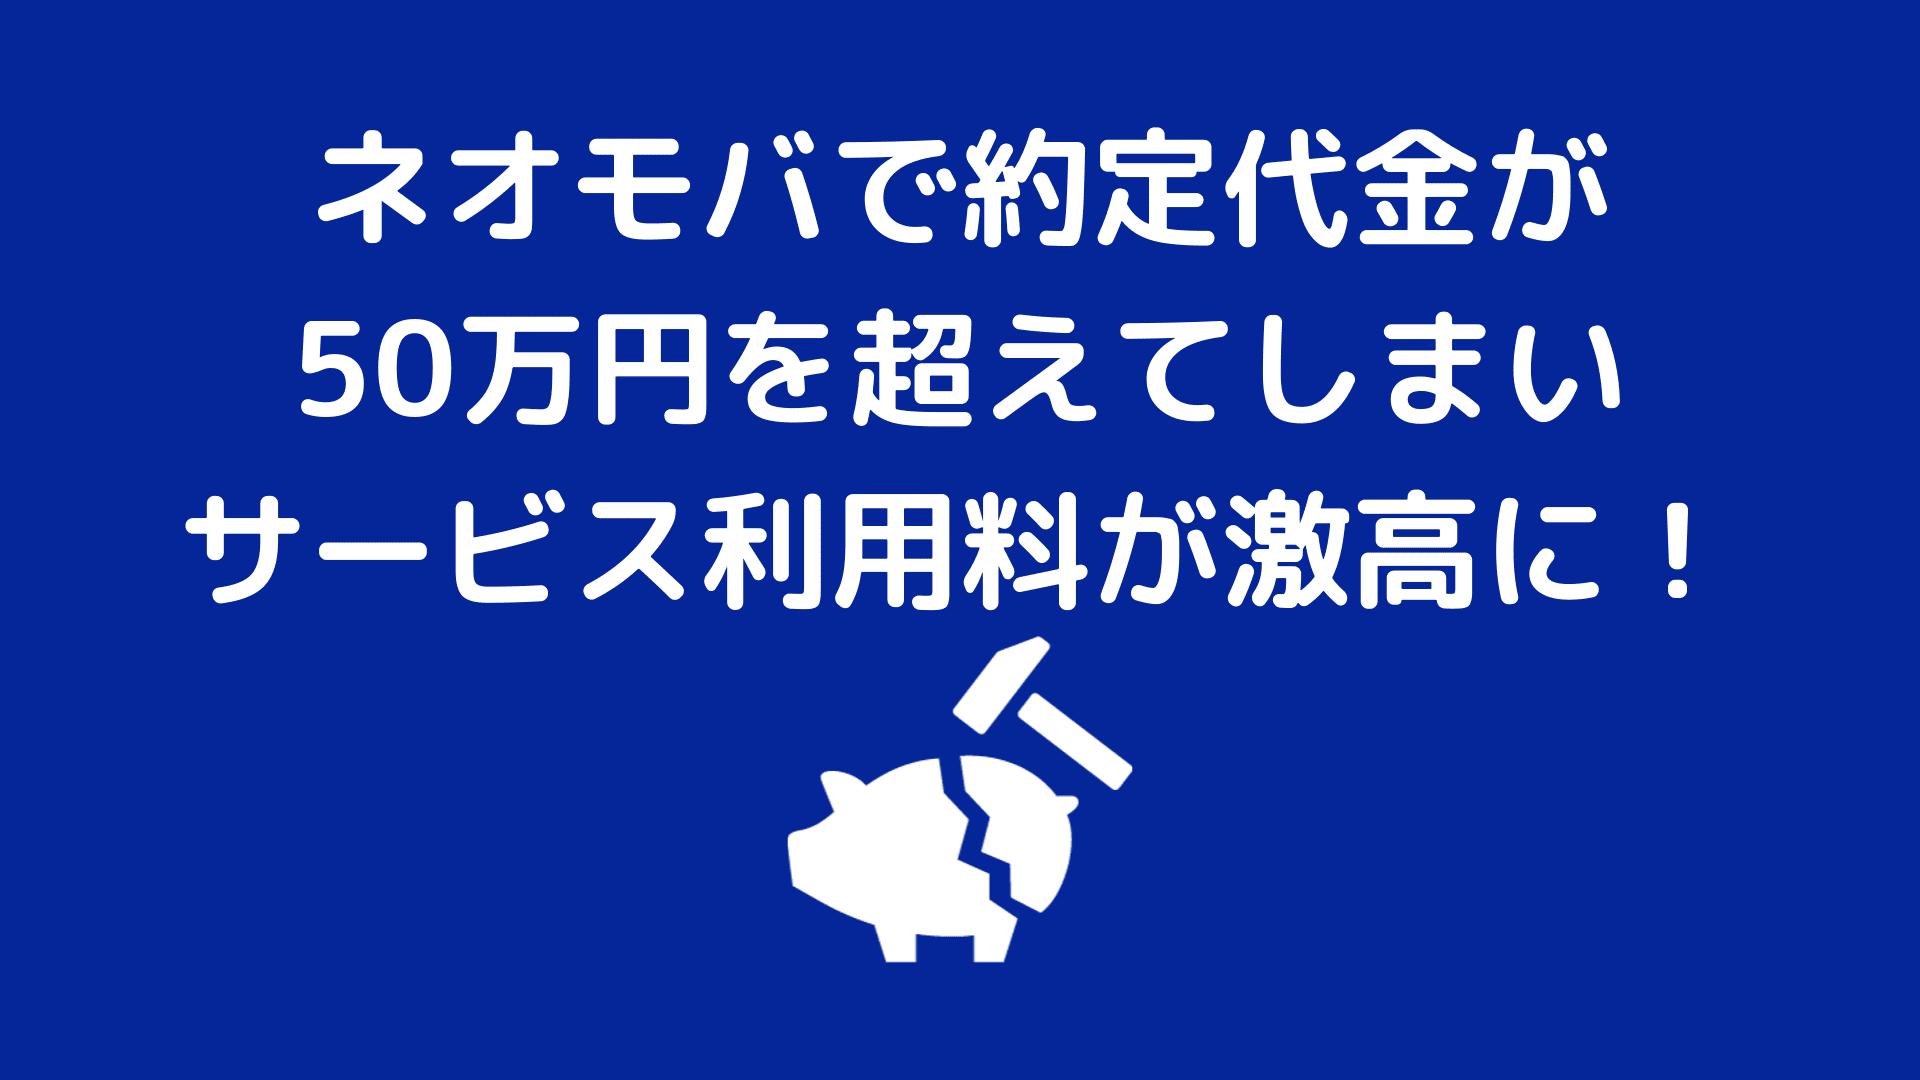 ネオモバで約定代金が50万円を超えてしまいサービス手数料が激高に!